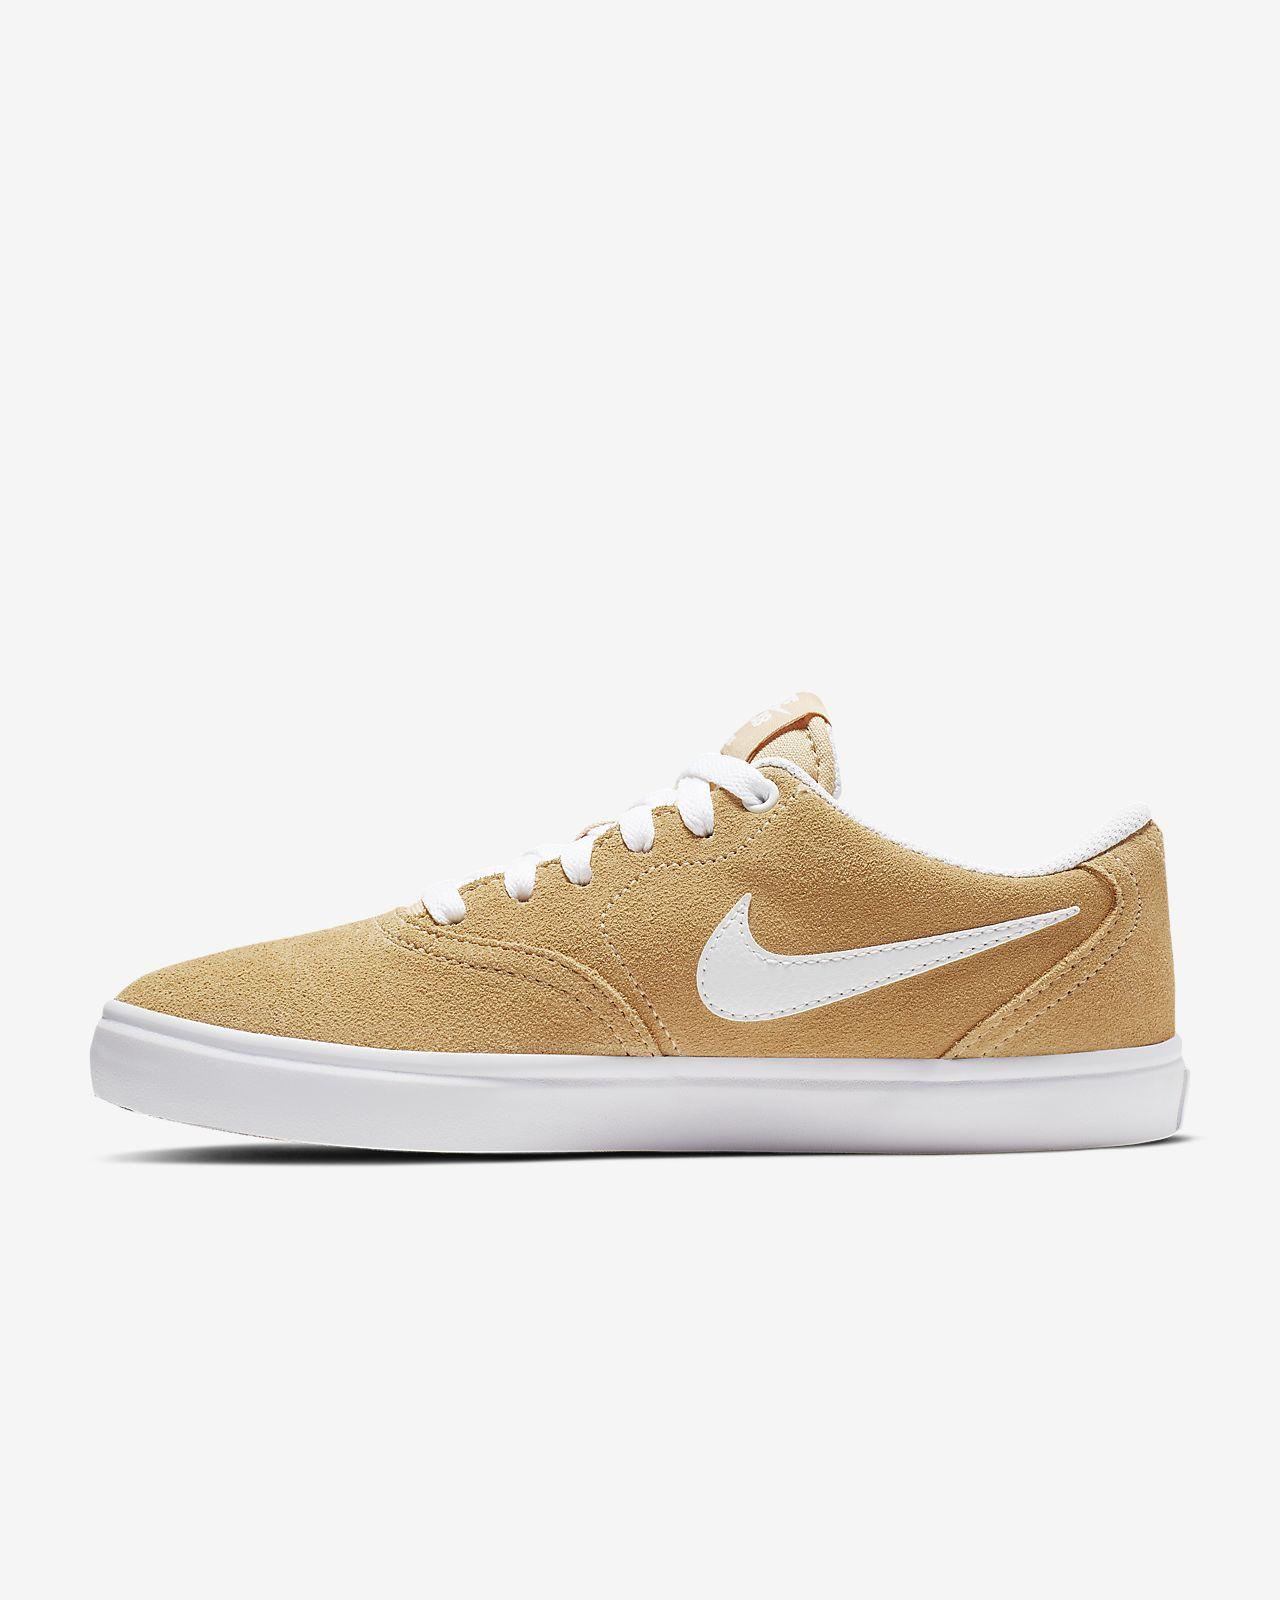 Женская обувь для скейтбординга Nike SB Check Solarsoft